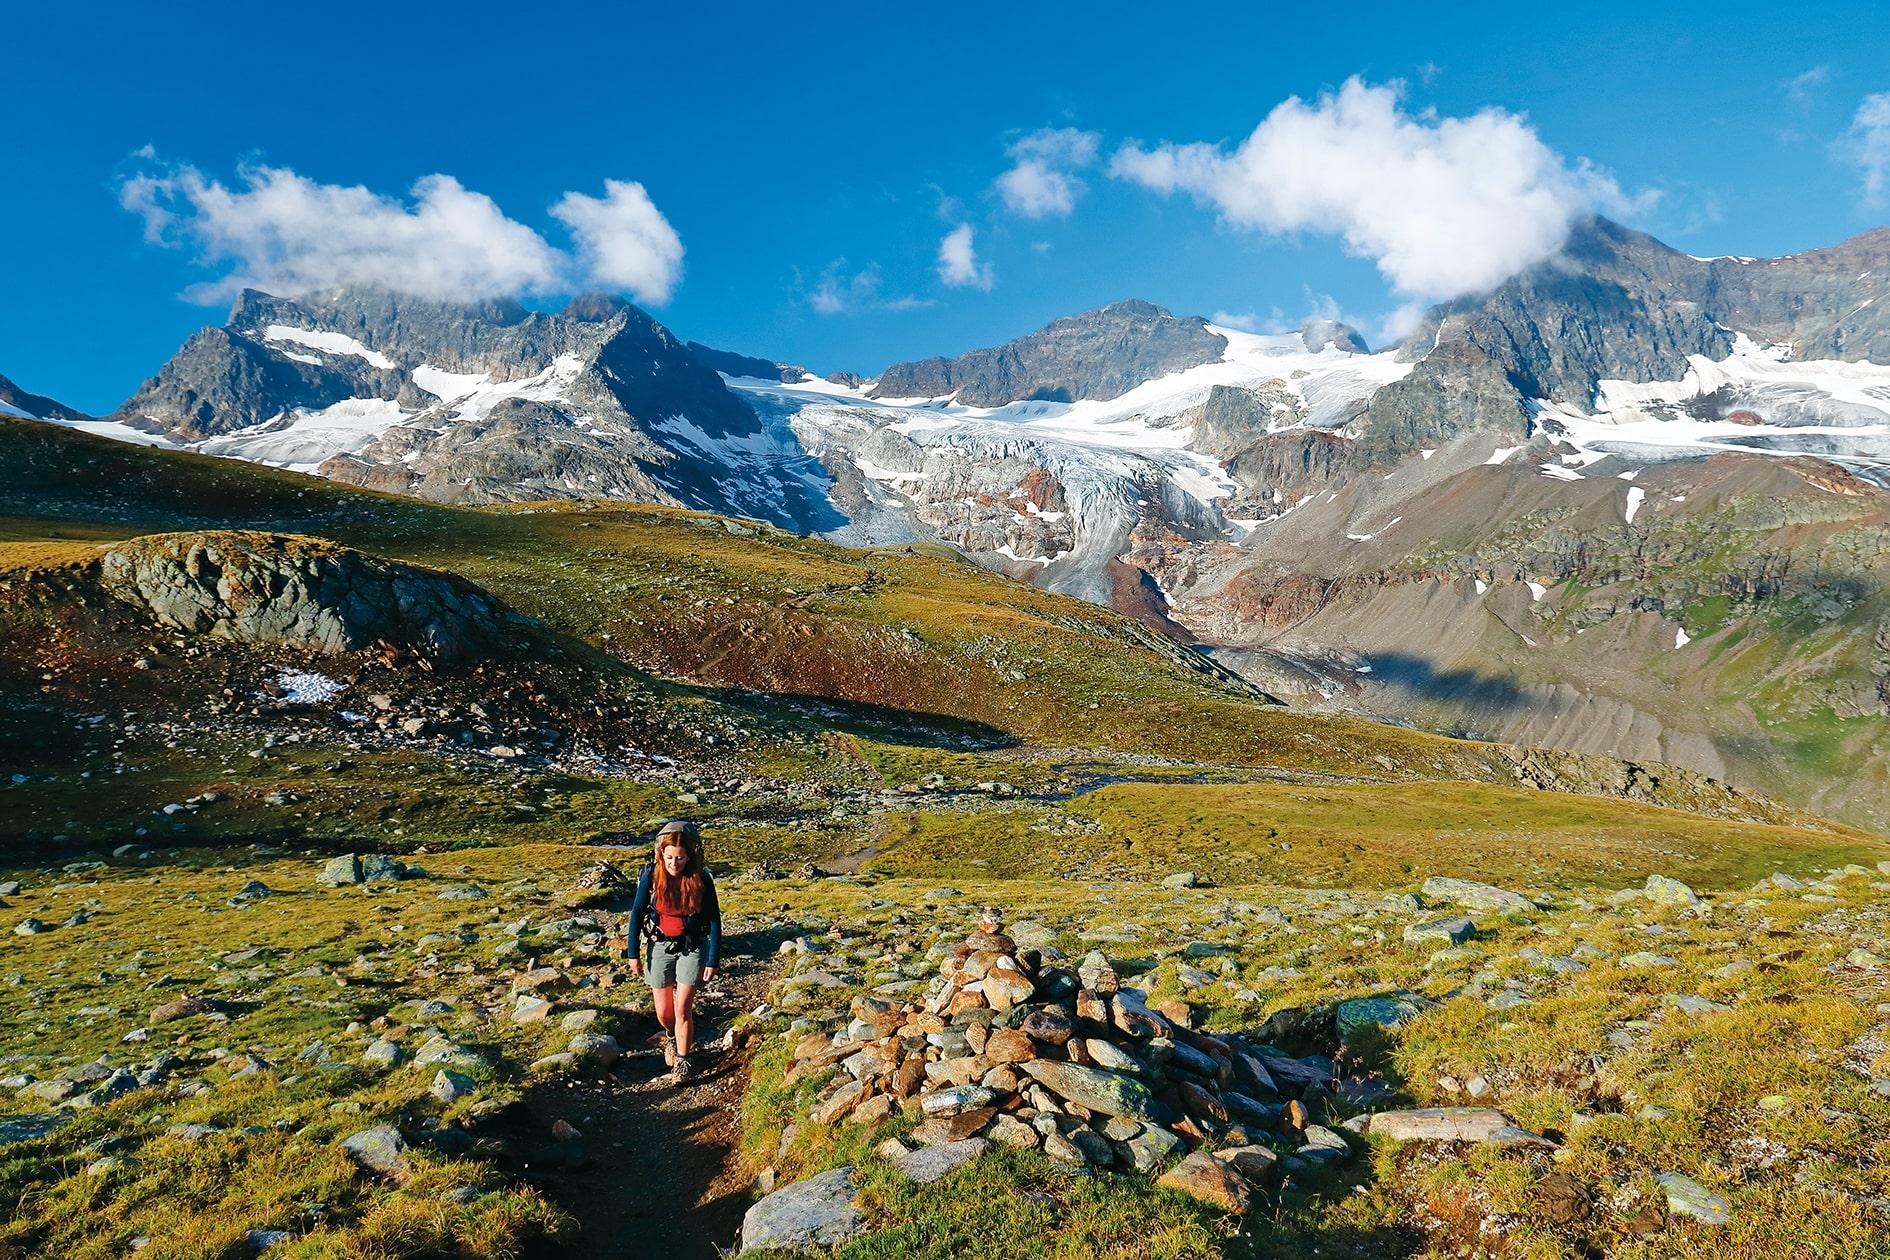 Wanderin in einer grünen Ebene mit Bergpanorama im Hintergrund